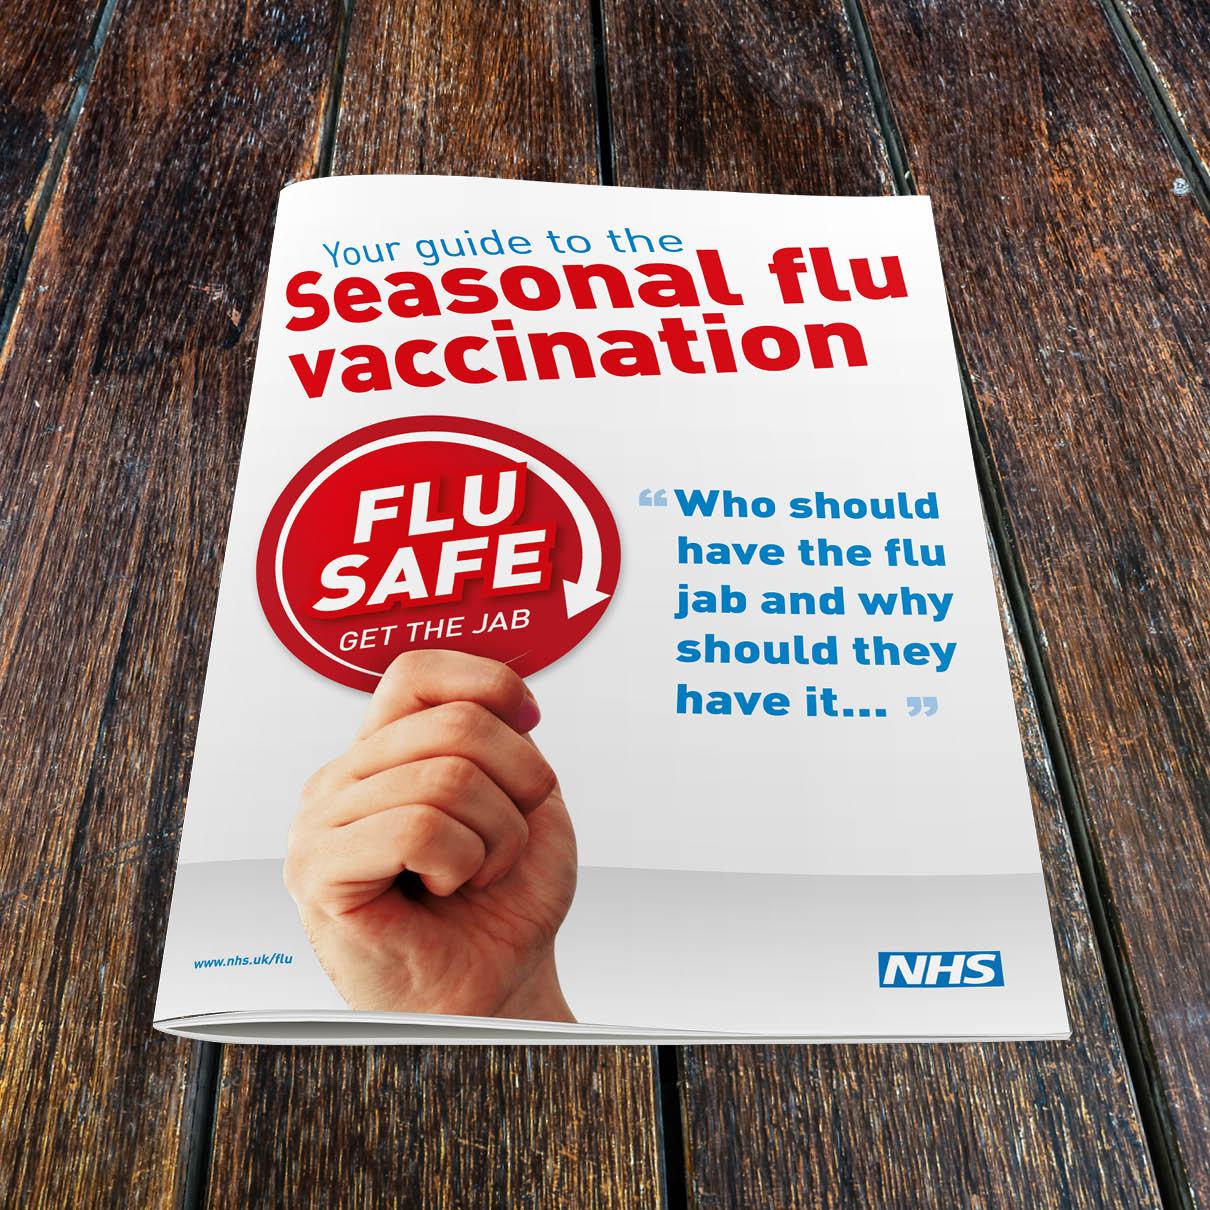 NHS Flu Brochure